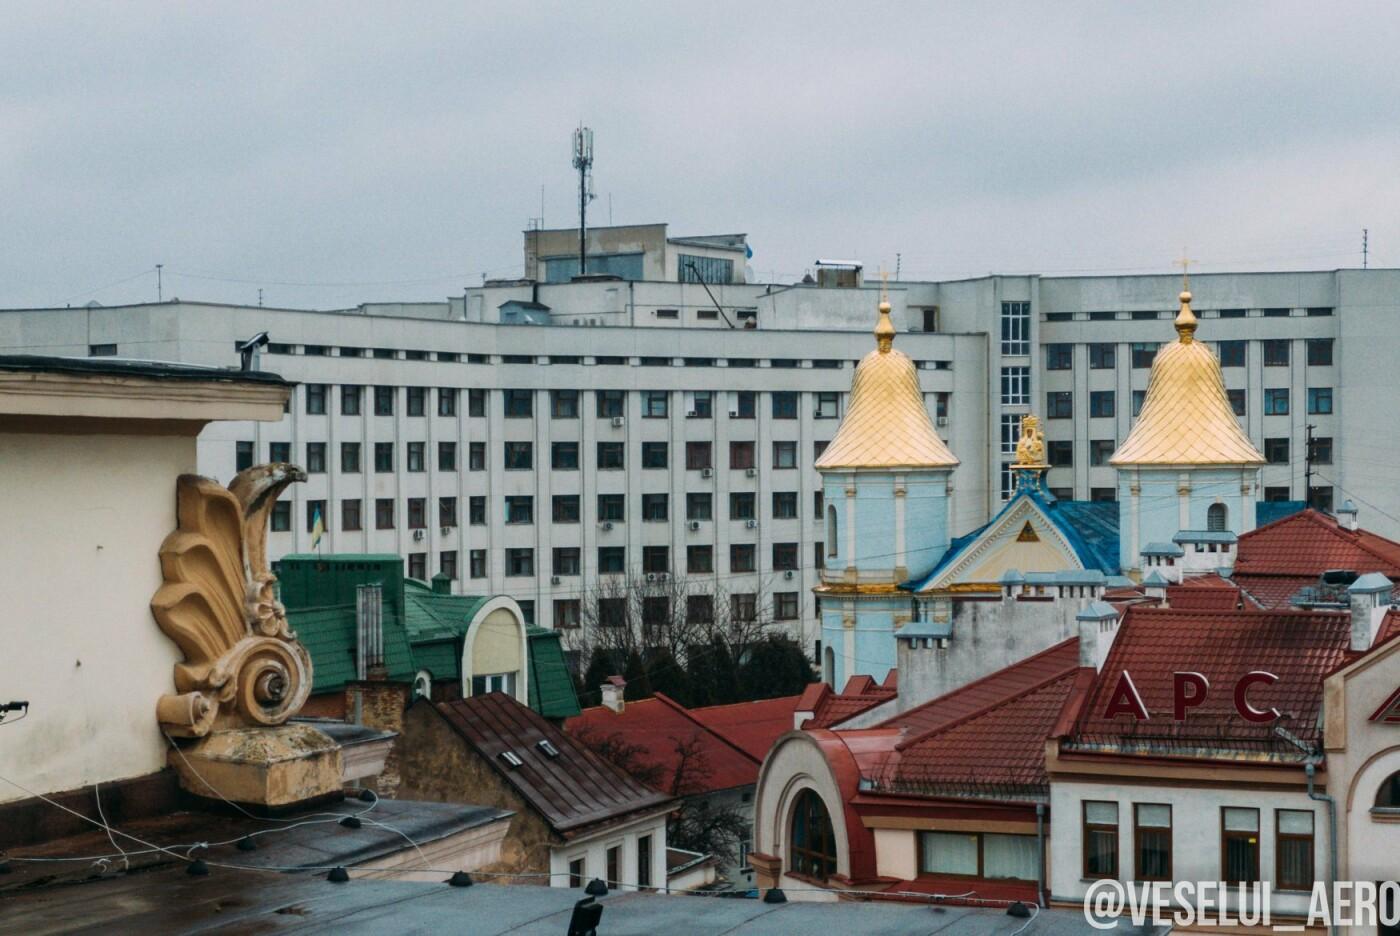 Фотограф поділився світлинами ратуші з висоти., фото-6